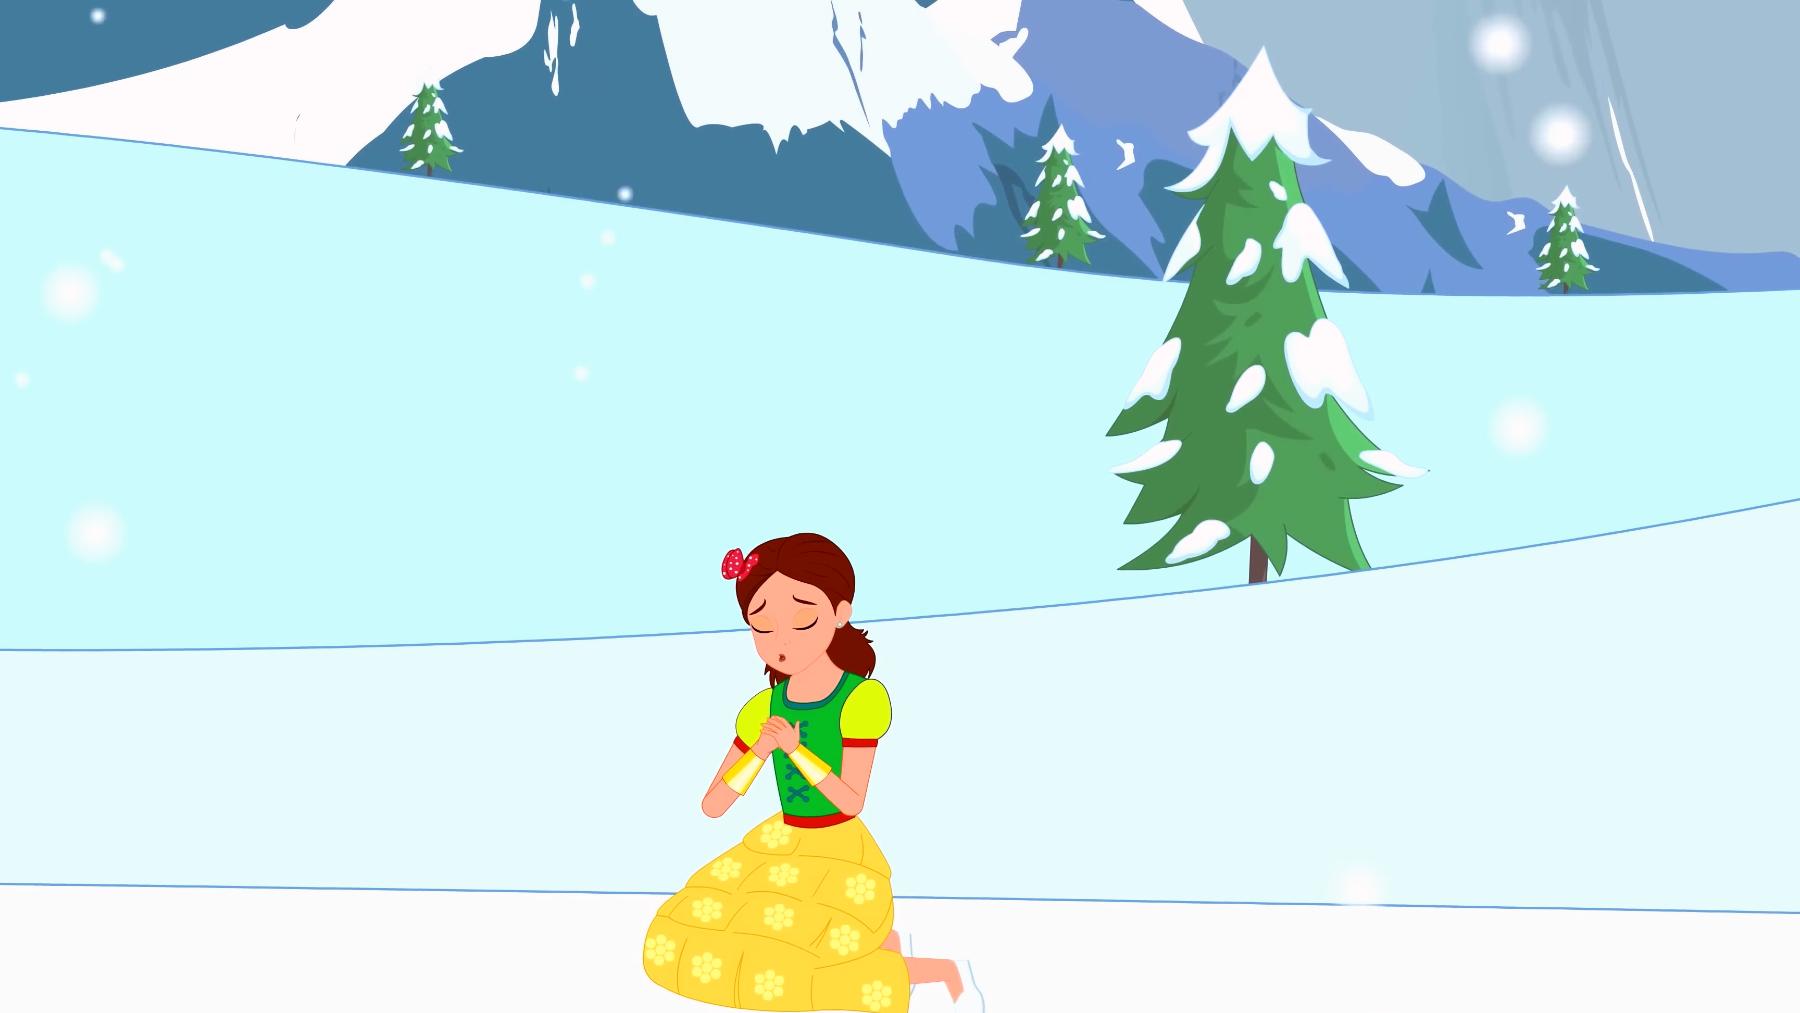 蒙古语童话 白雪皇后